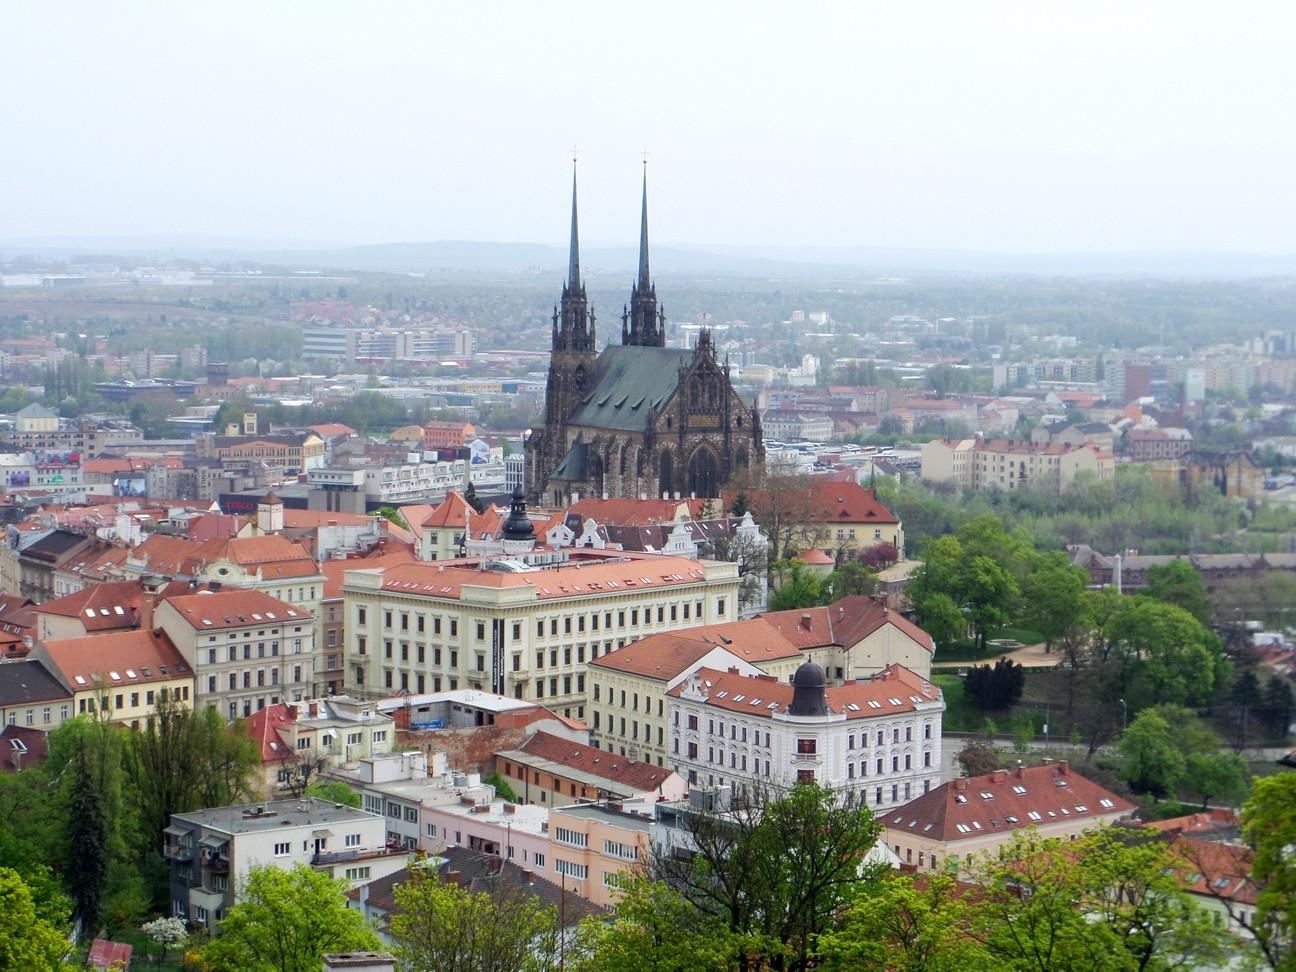 Experiencia en Brno, República Checa por Filip